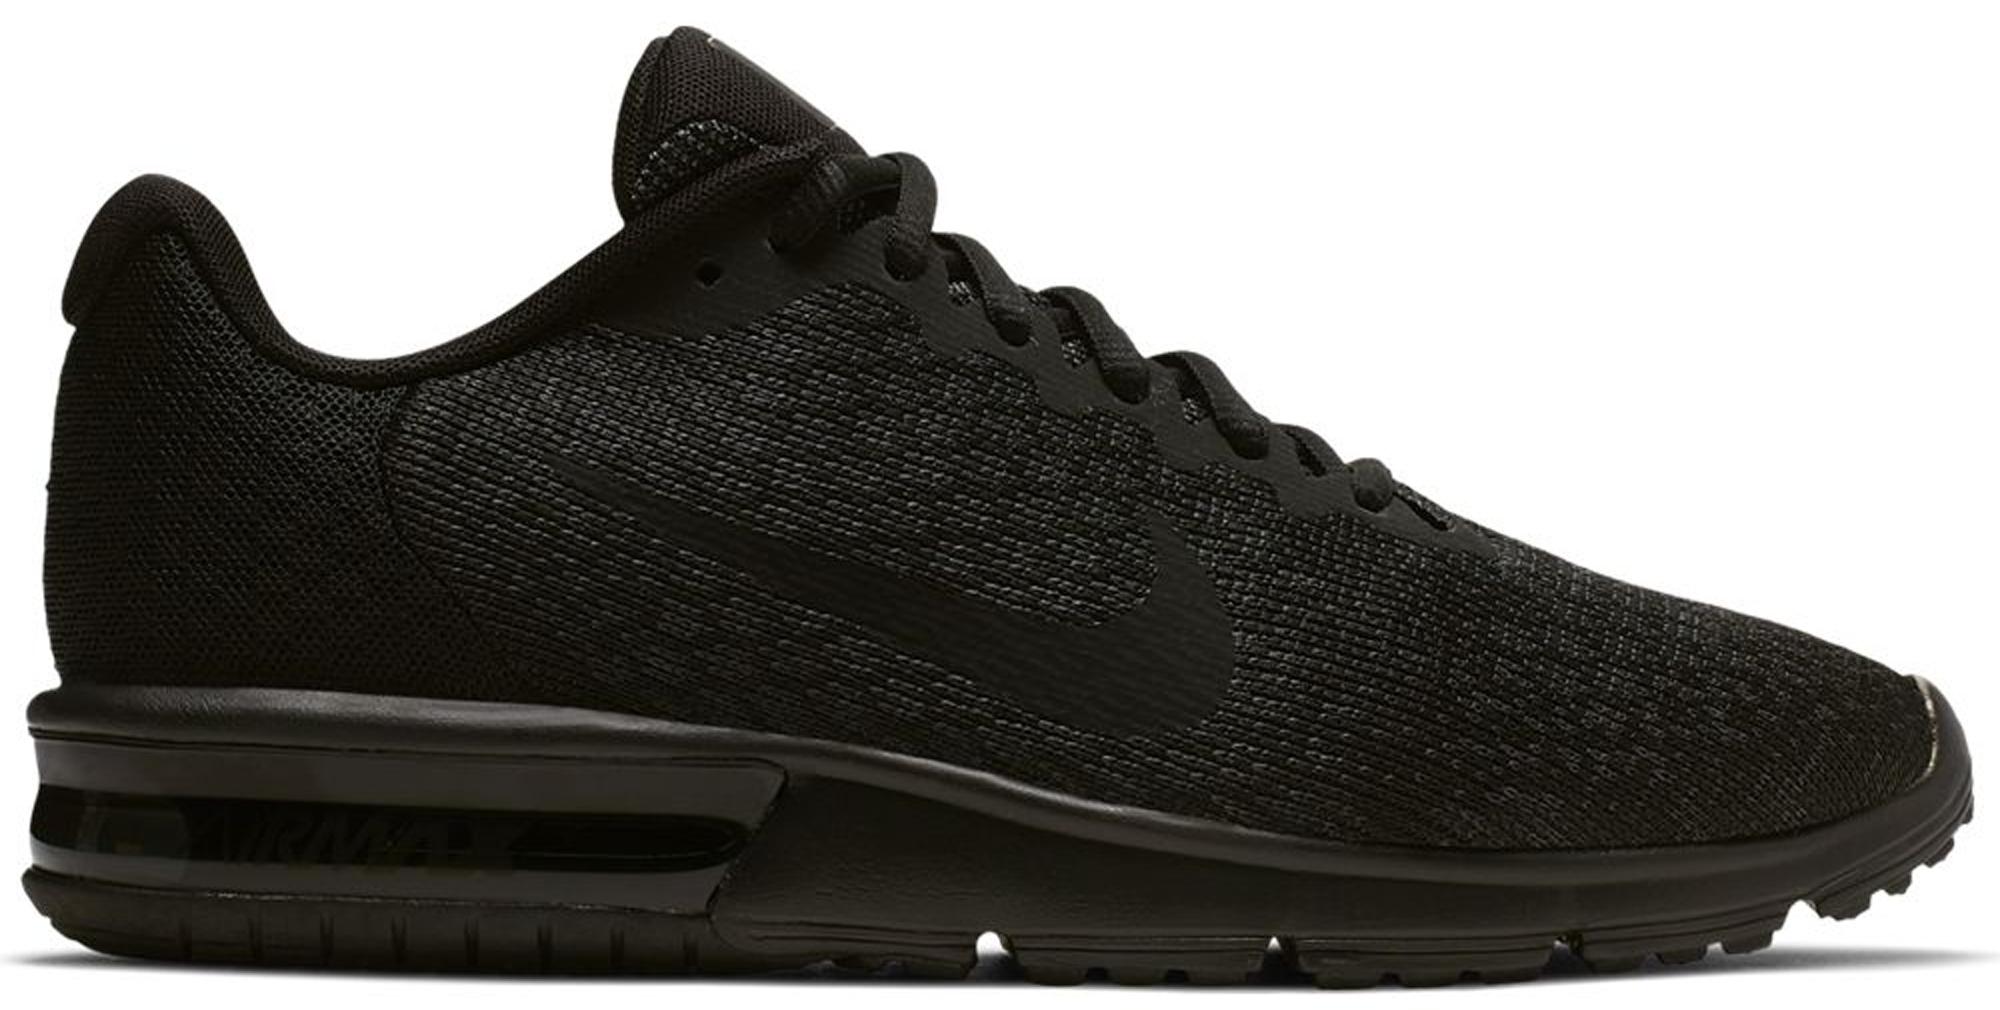 Nike Air Max Sequent 2 Black (W